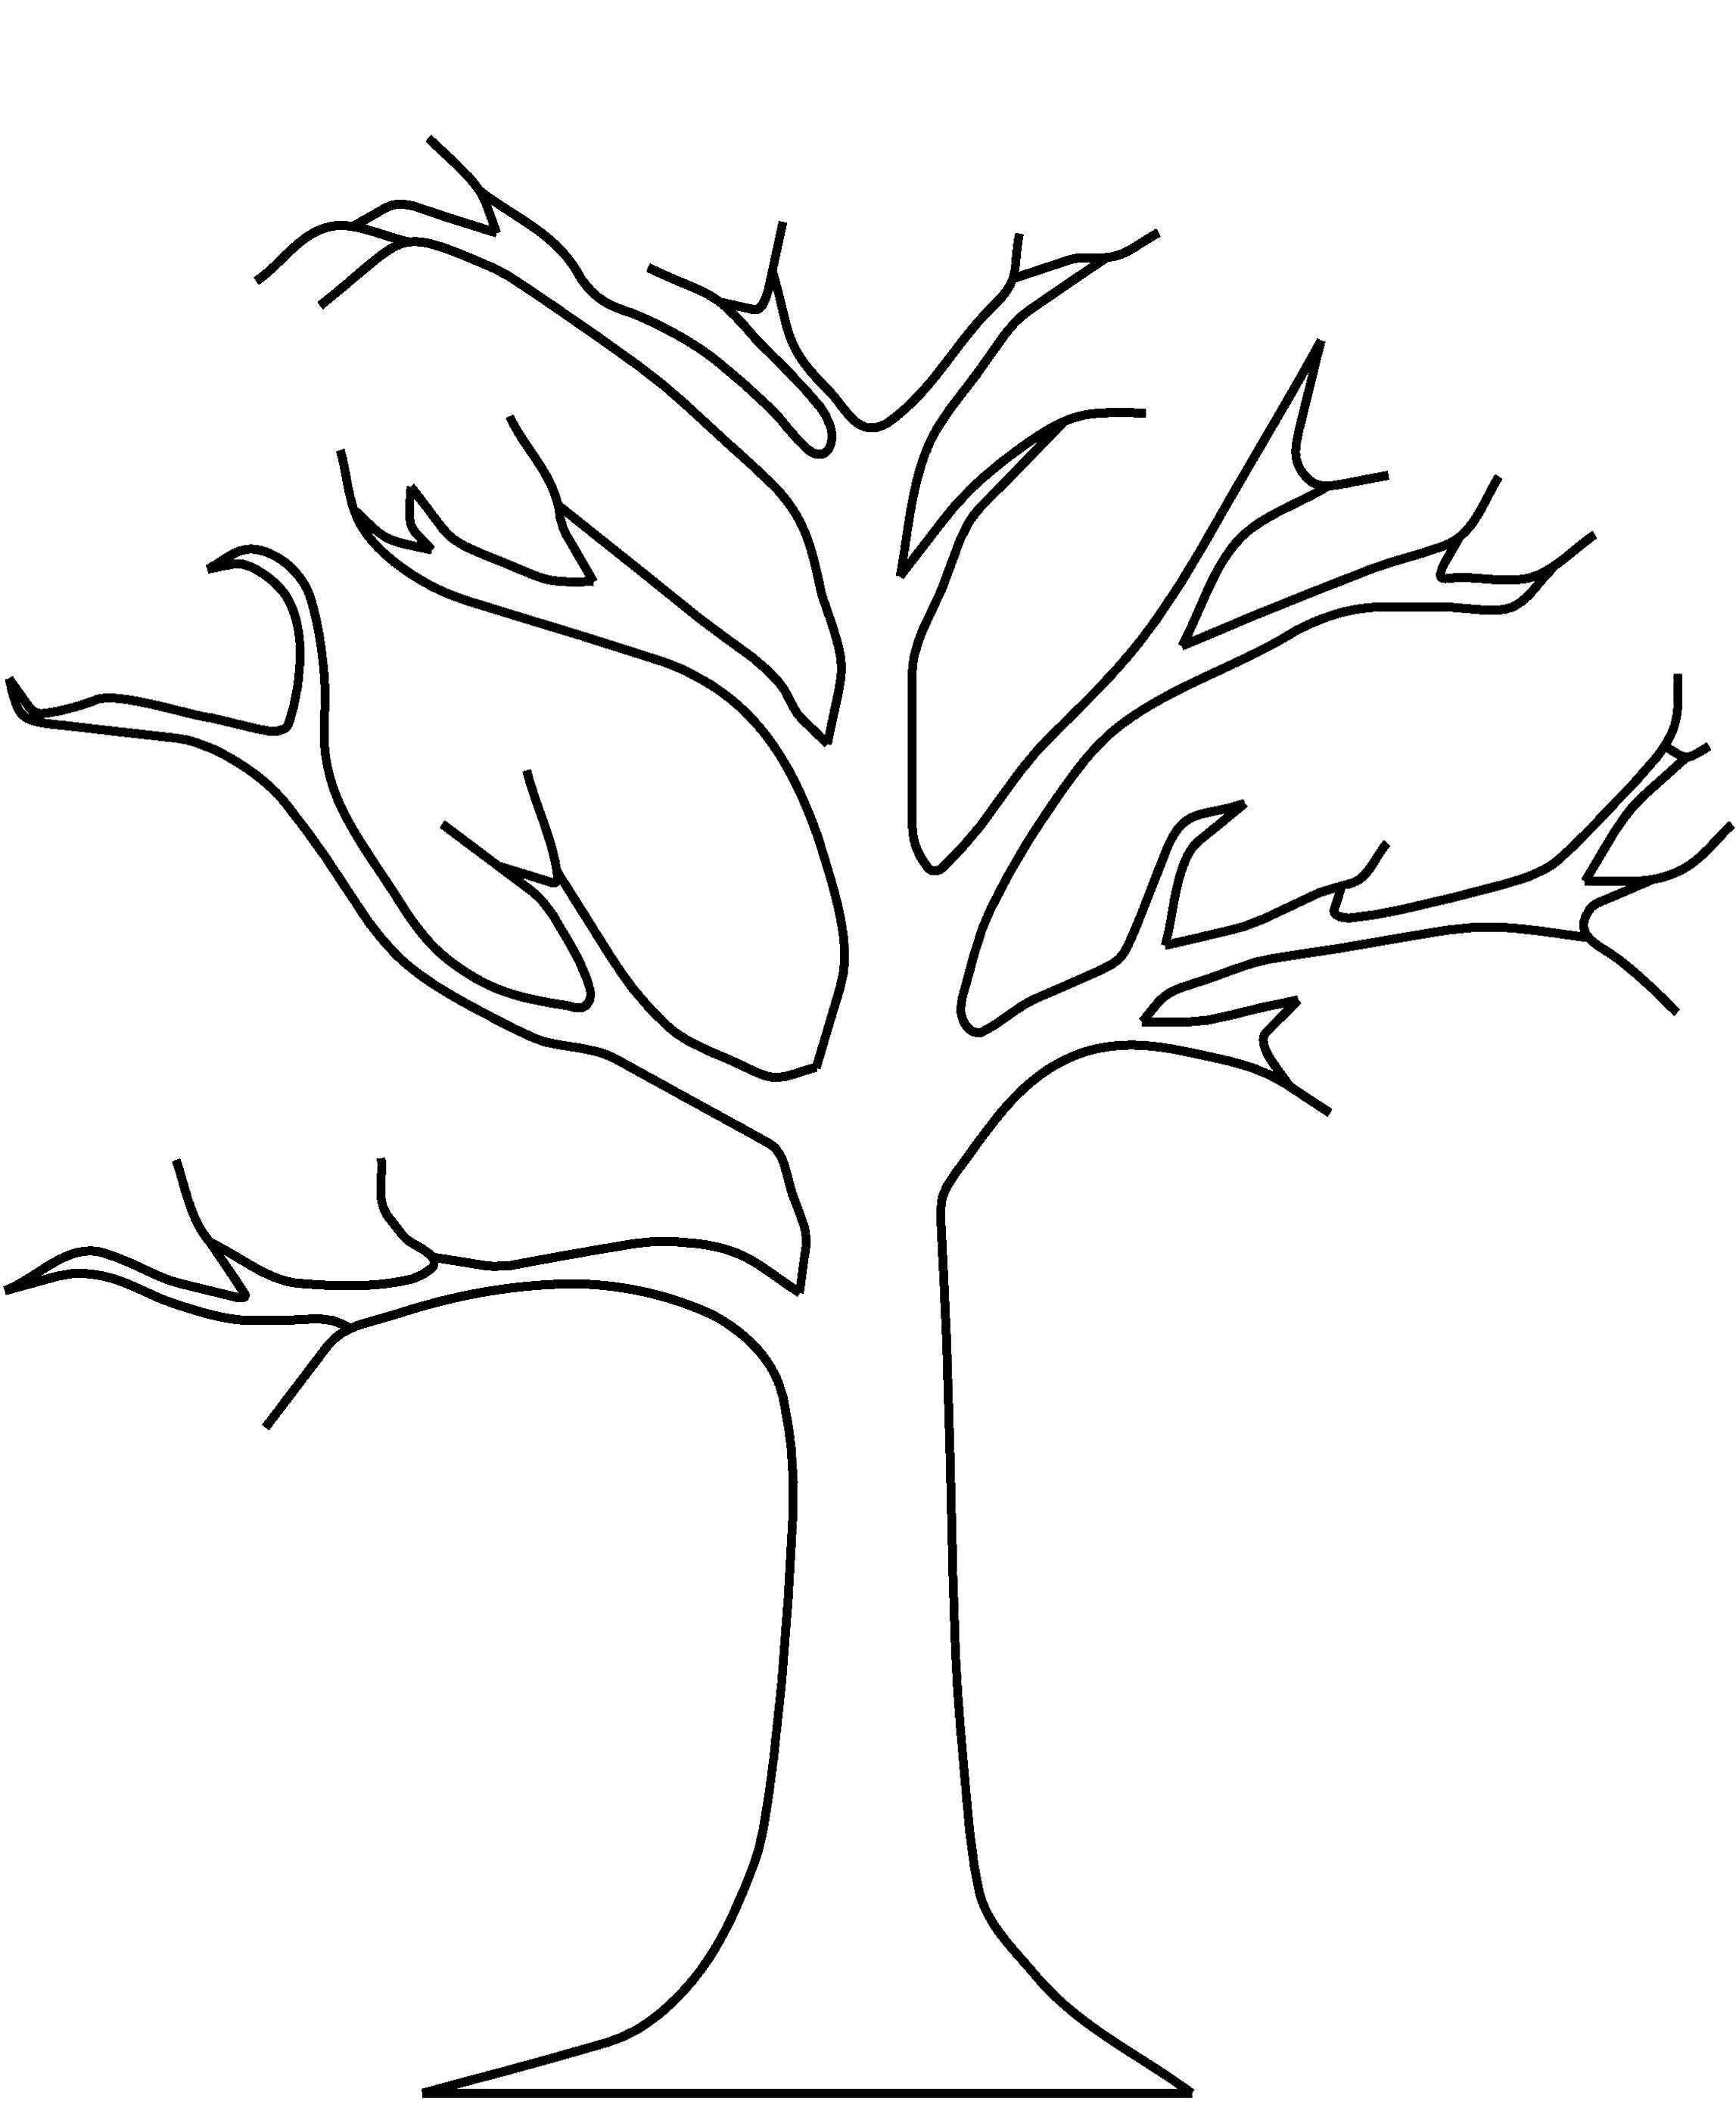 Malvorlage Baum Kostenlos 01 Art Simple Drawings Baum Vorlage Blattschablone Malvorlagen